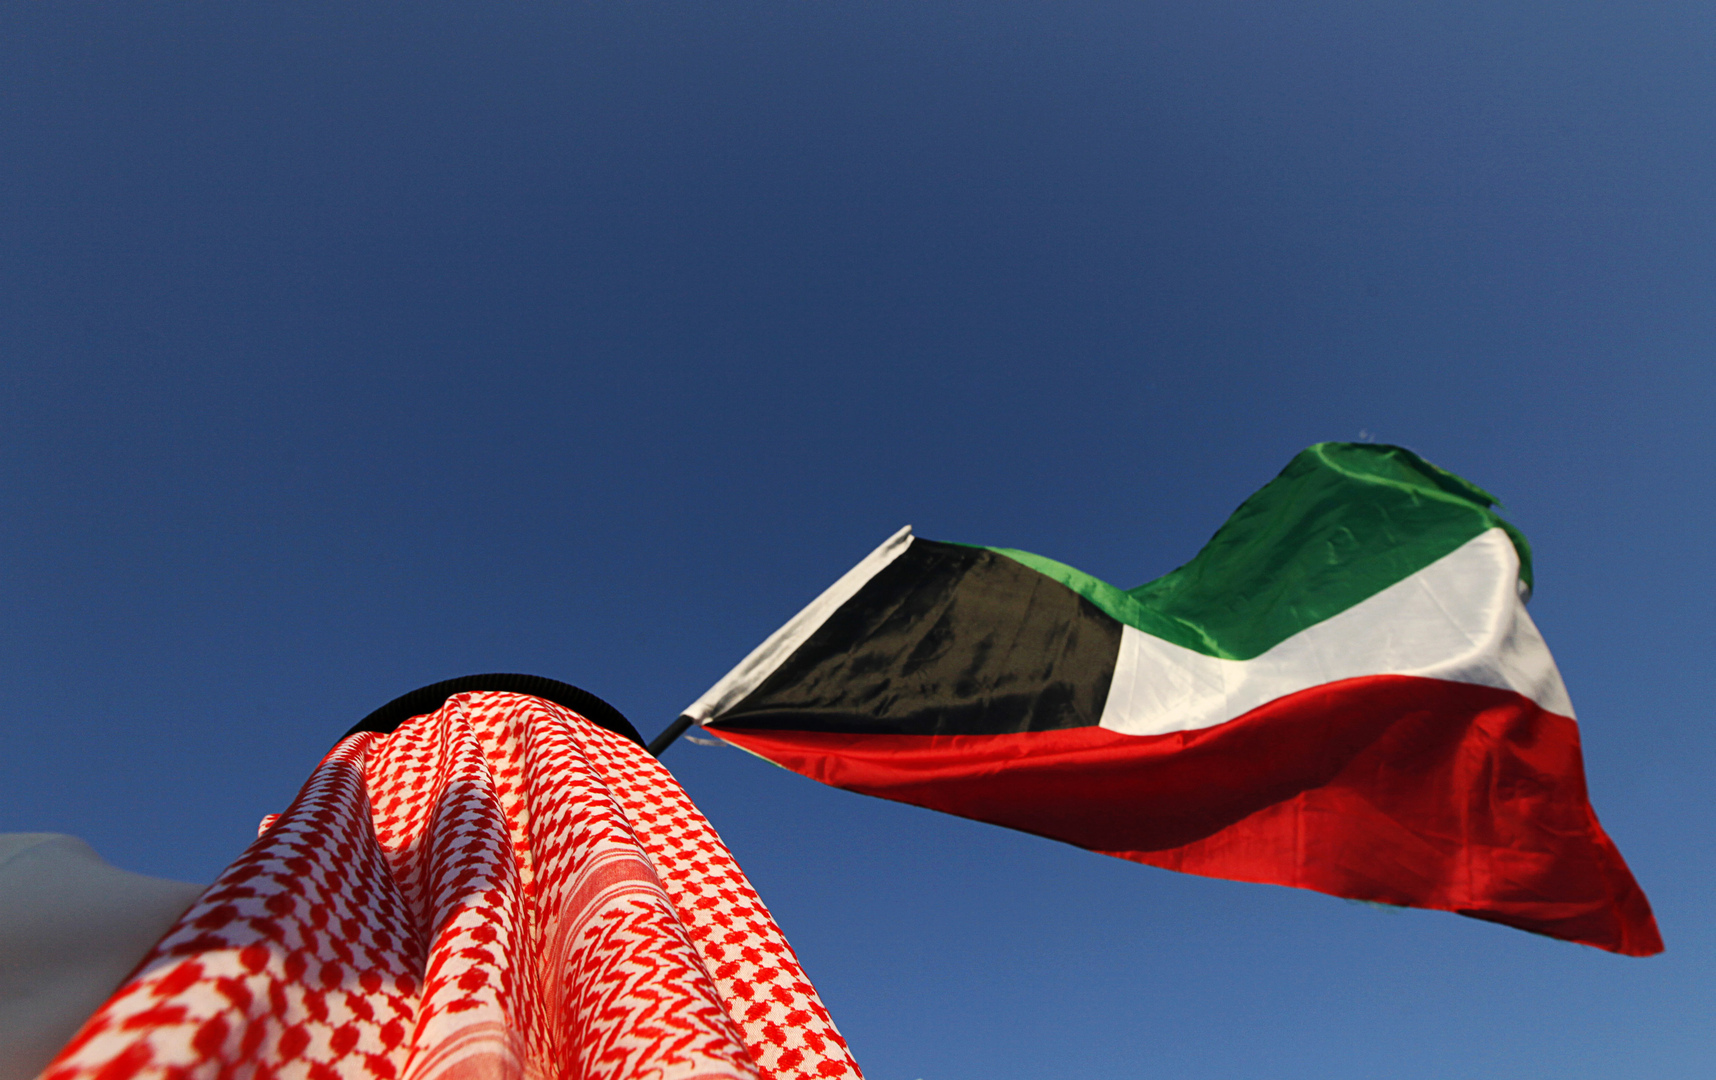 سفير آسيوي في دولة عربية متهم بمحاولة اغتصاب داخل سفارة بلاده